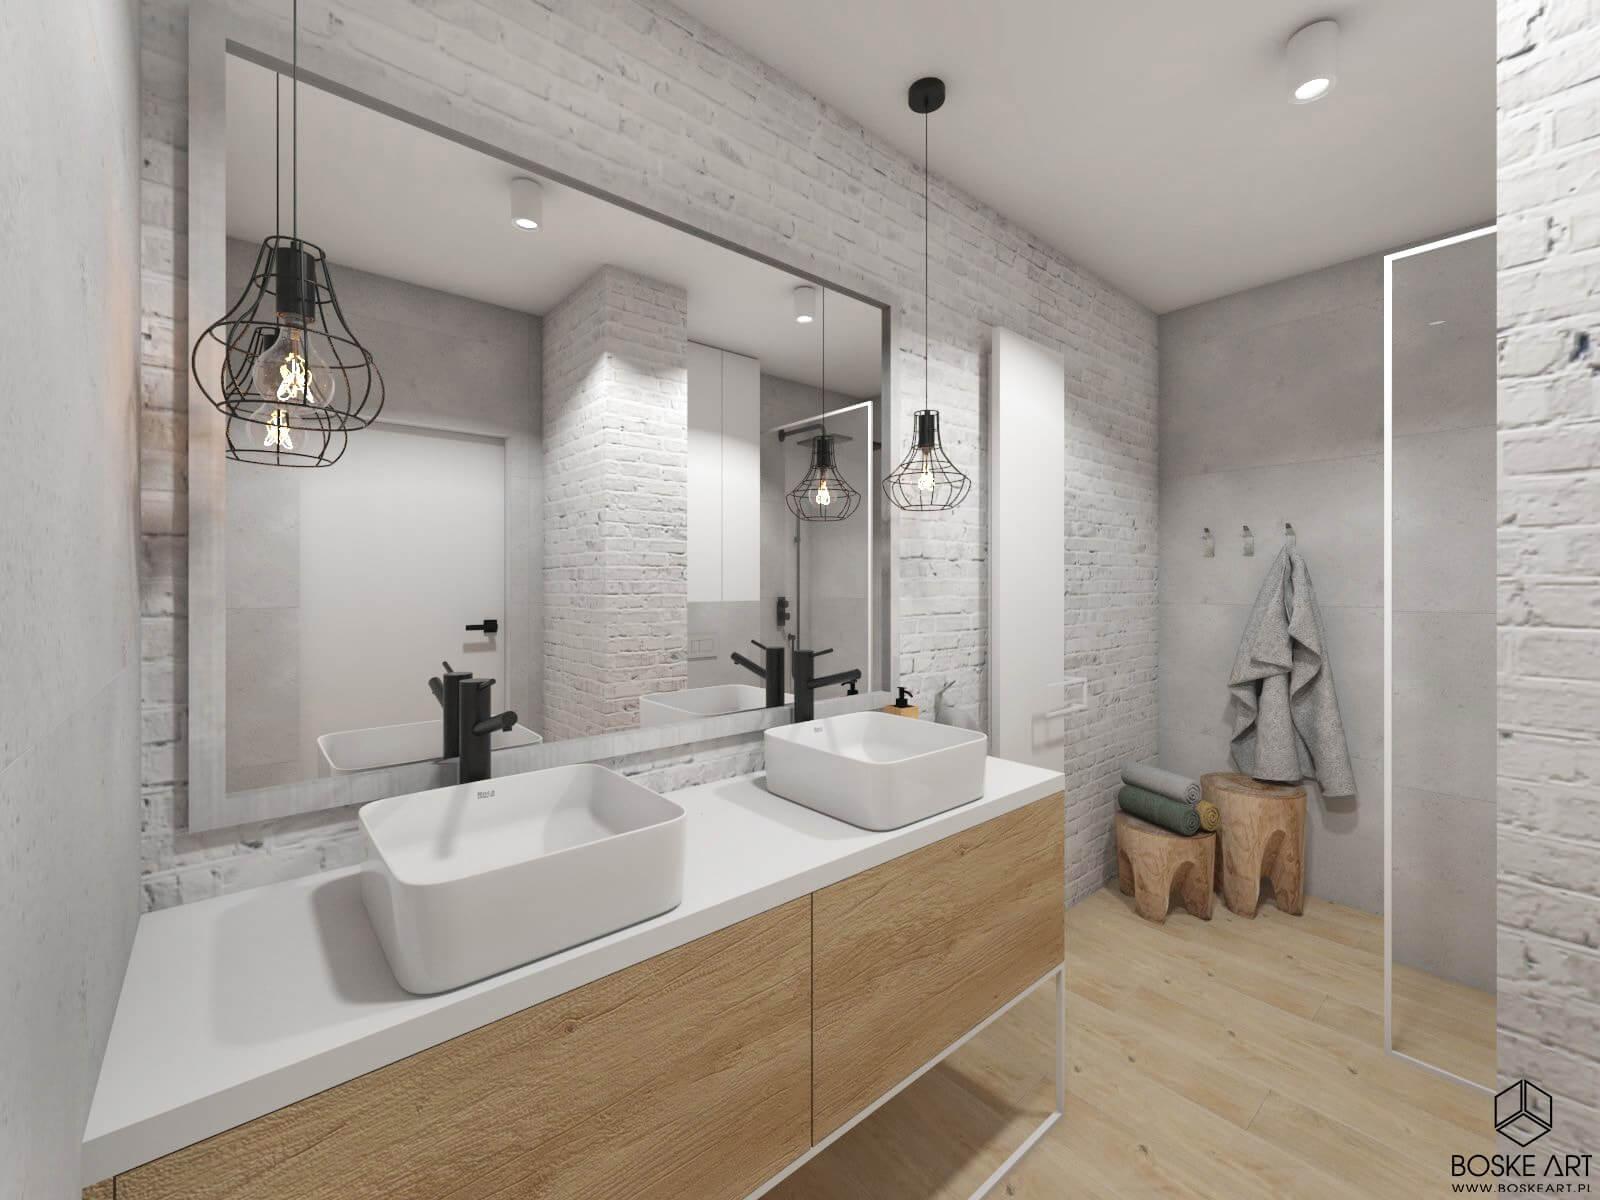 21_mieszkanie_poznan_boske_art_projektowanie_wnetrz_architektura_natalia_robaszkiewicz-min